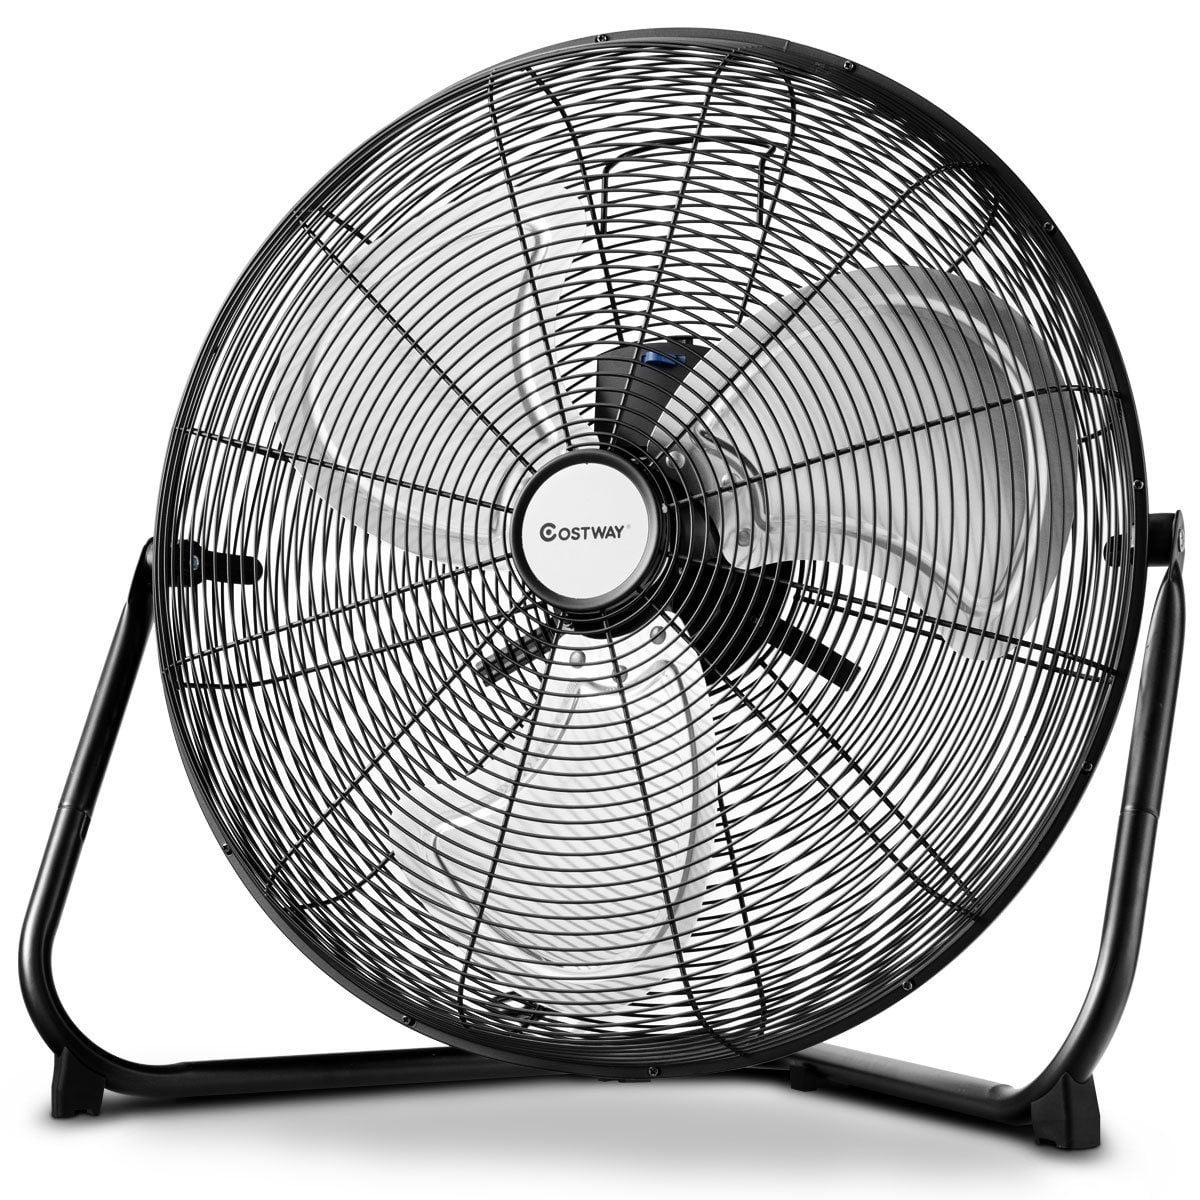 Costway 20'' High Velocity Fan Commercial Industrial Grade 3-Speed Floor Fan 360 degree